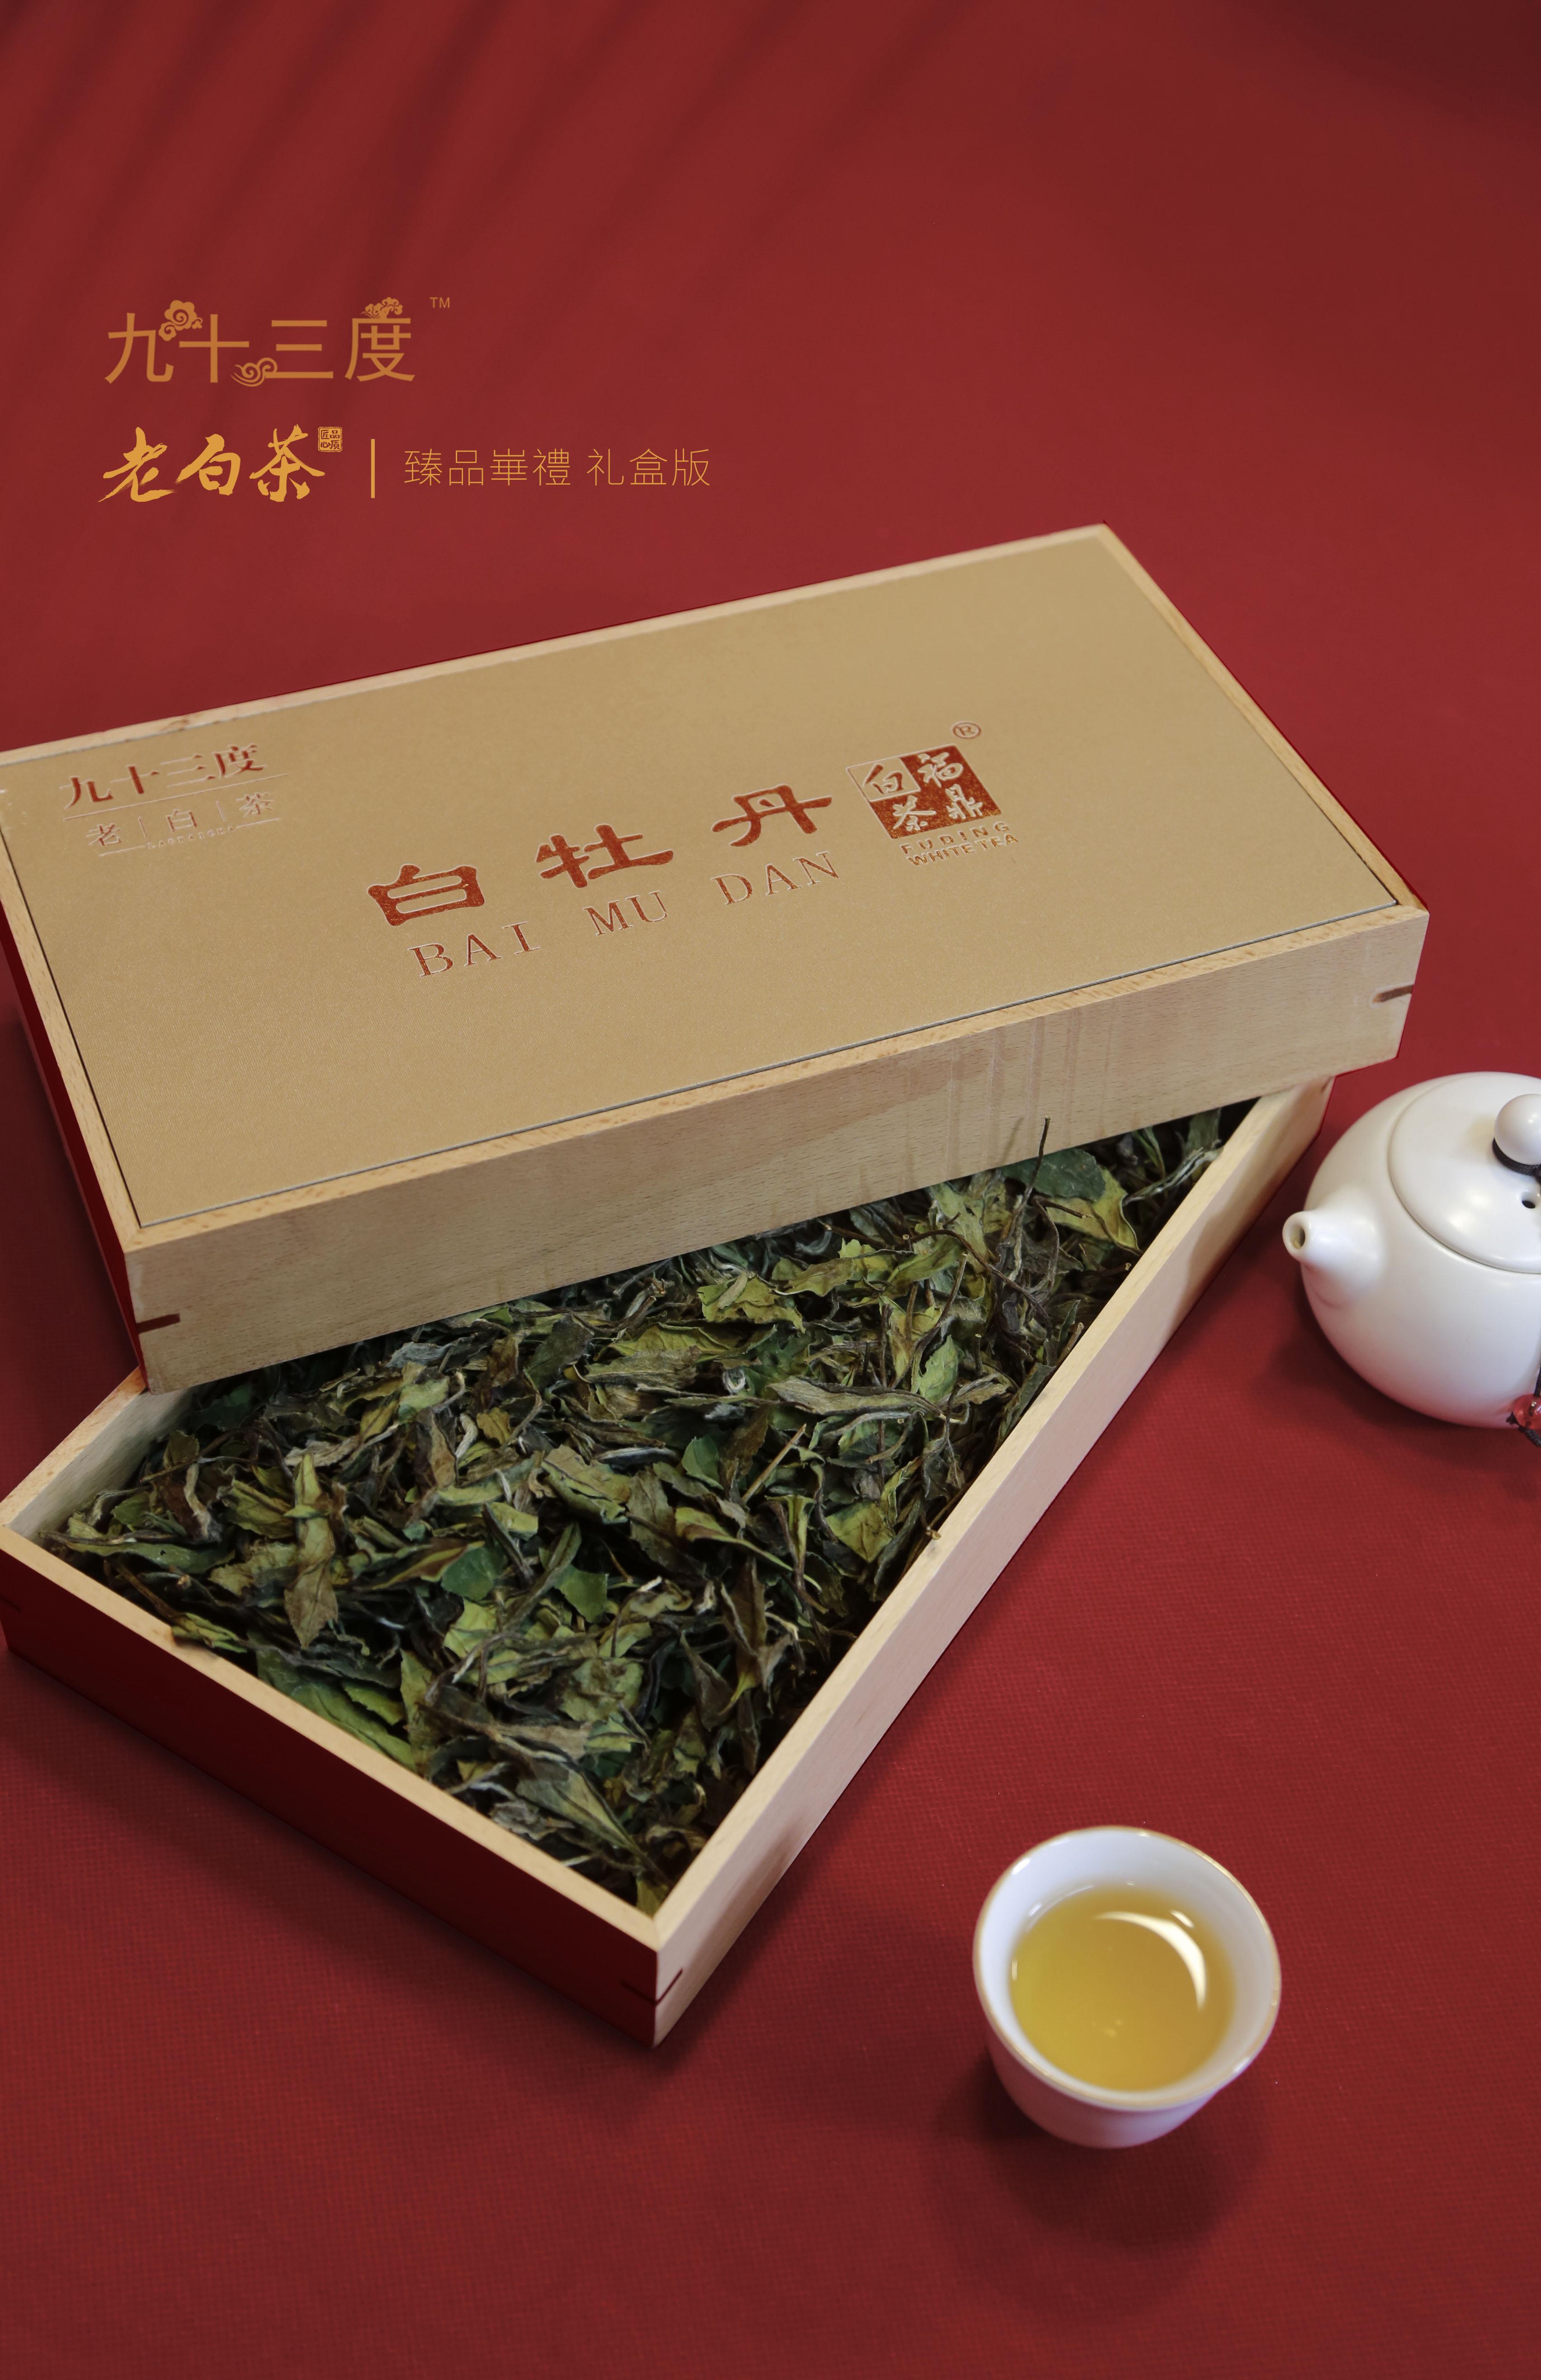 九十三度老白茶 | 白茶存多久好喝?应该怎么存?